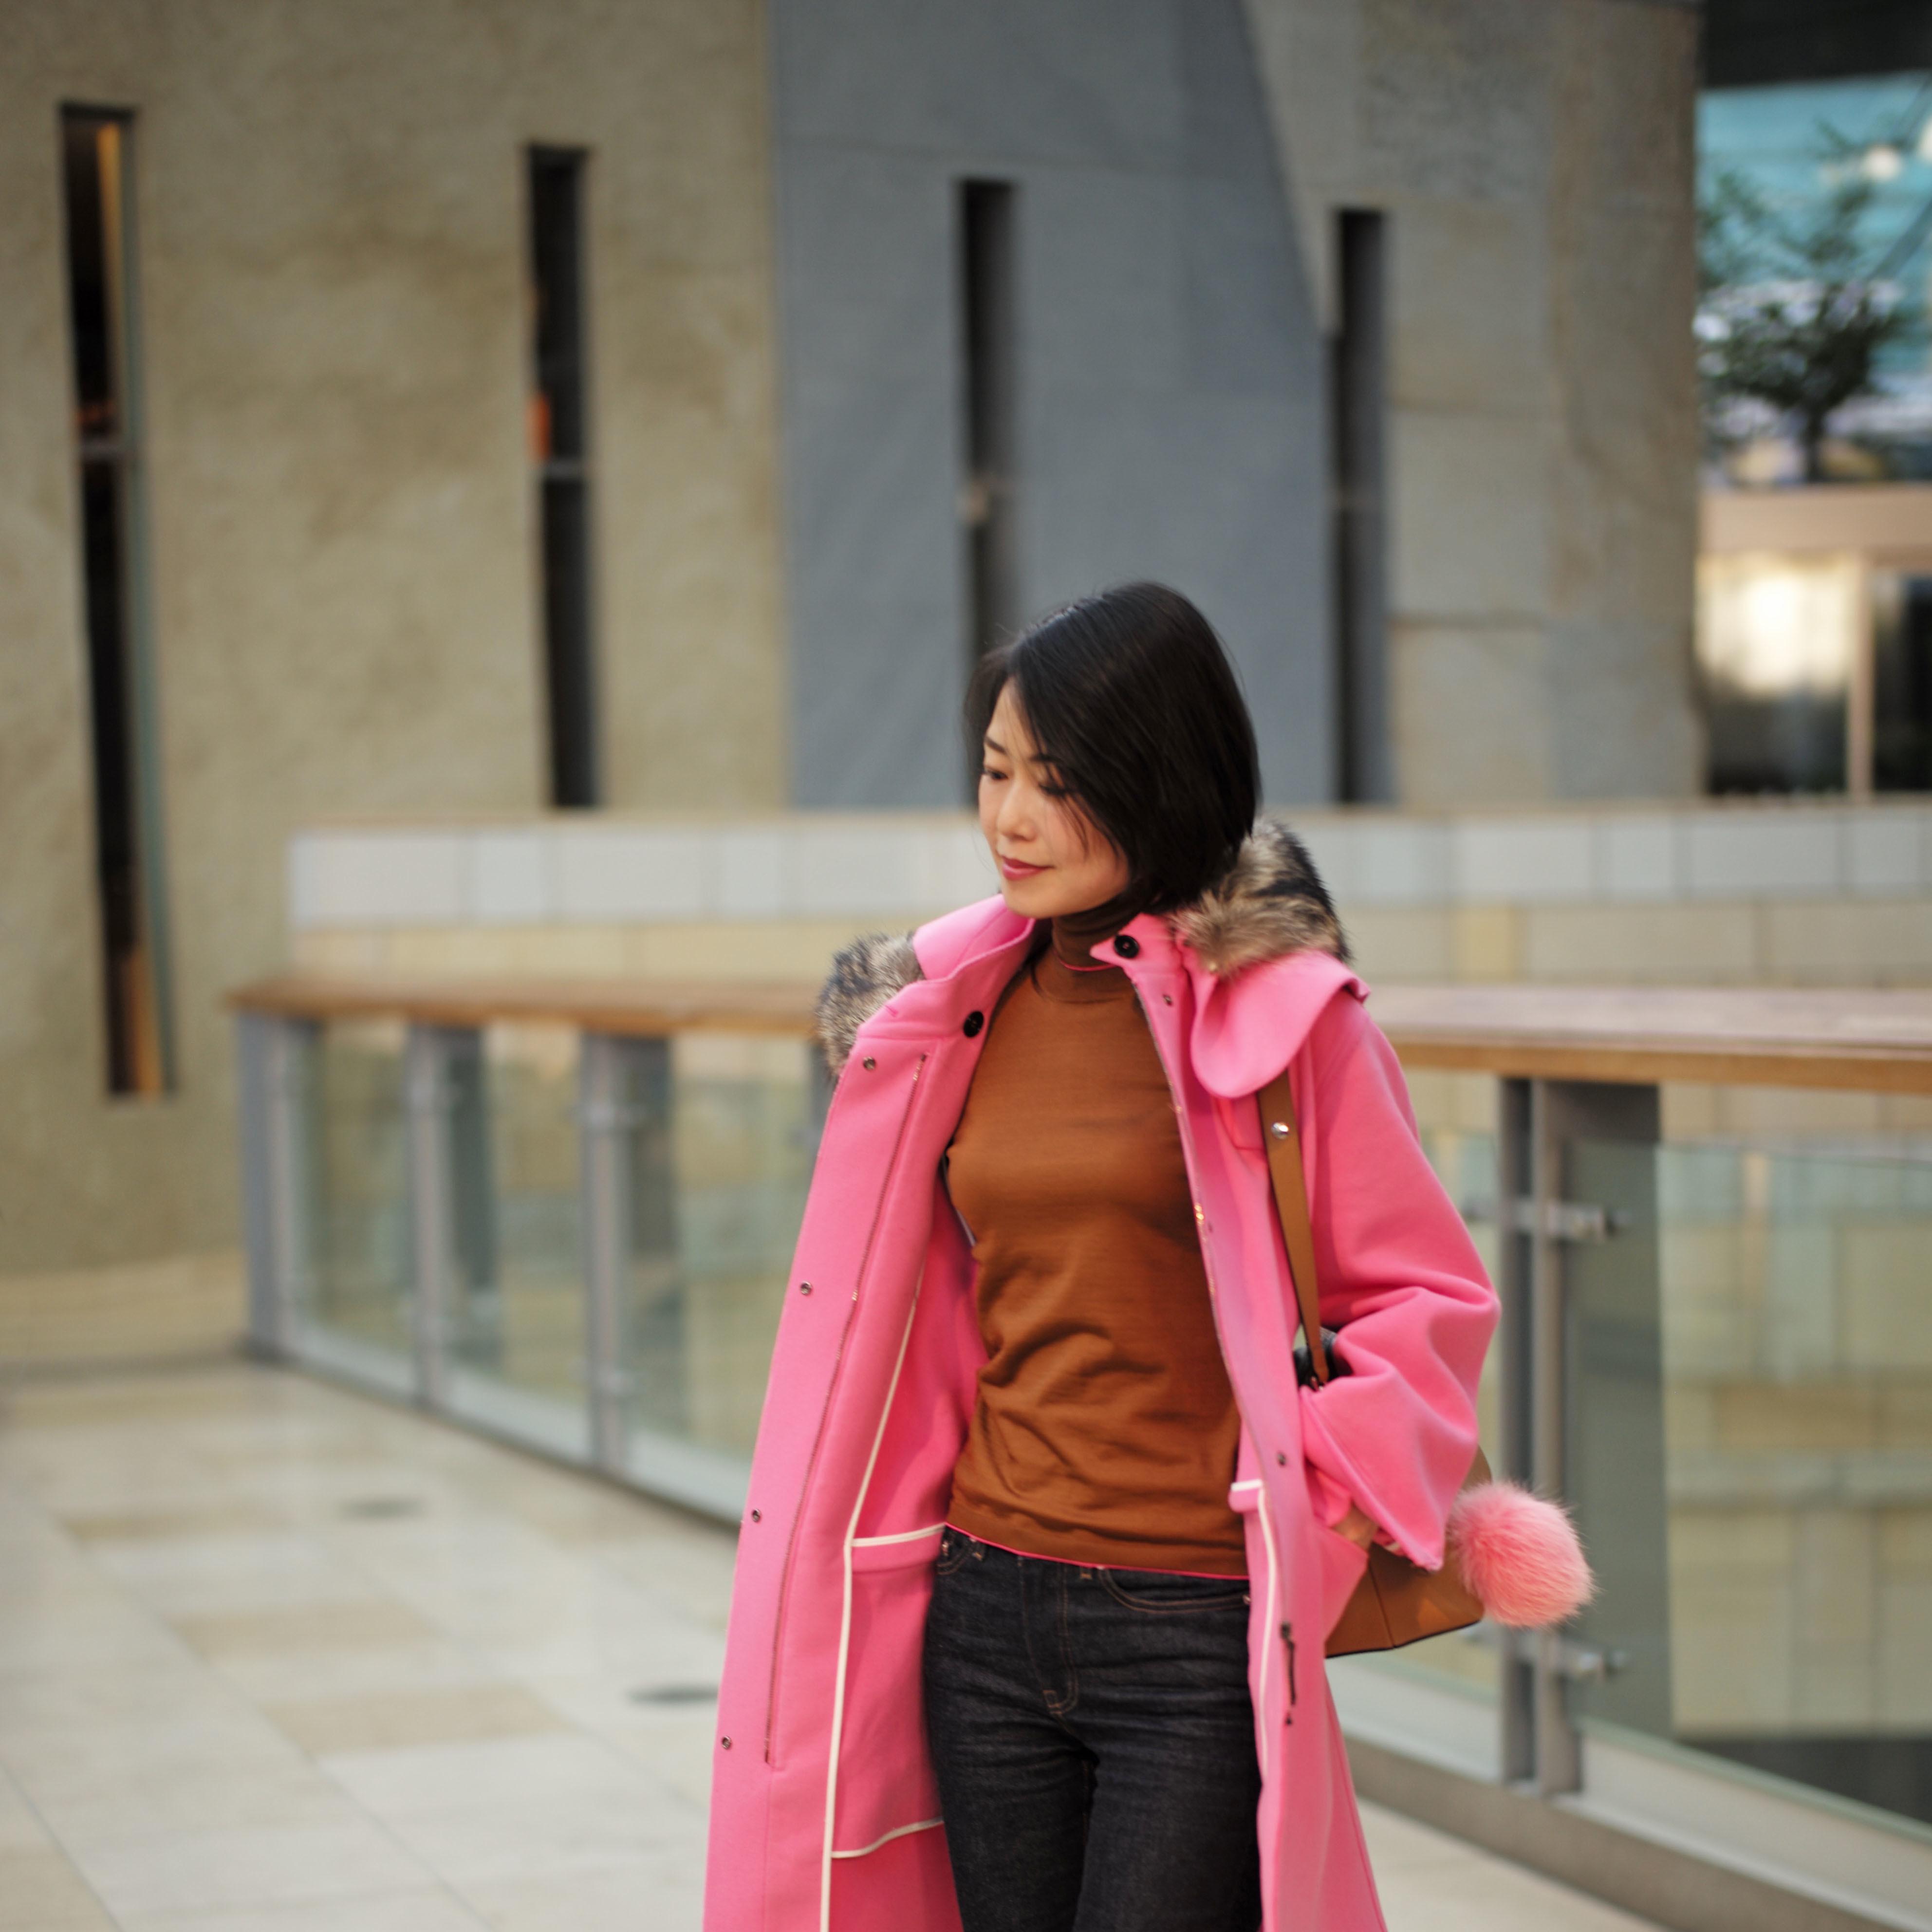 冬のきれい色で、気分を上げて【マリソル美女組ブログPICK UP】_1_1-2